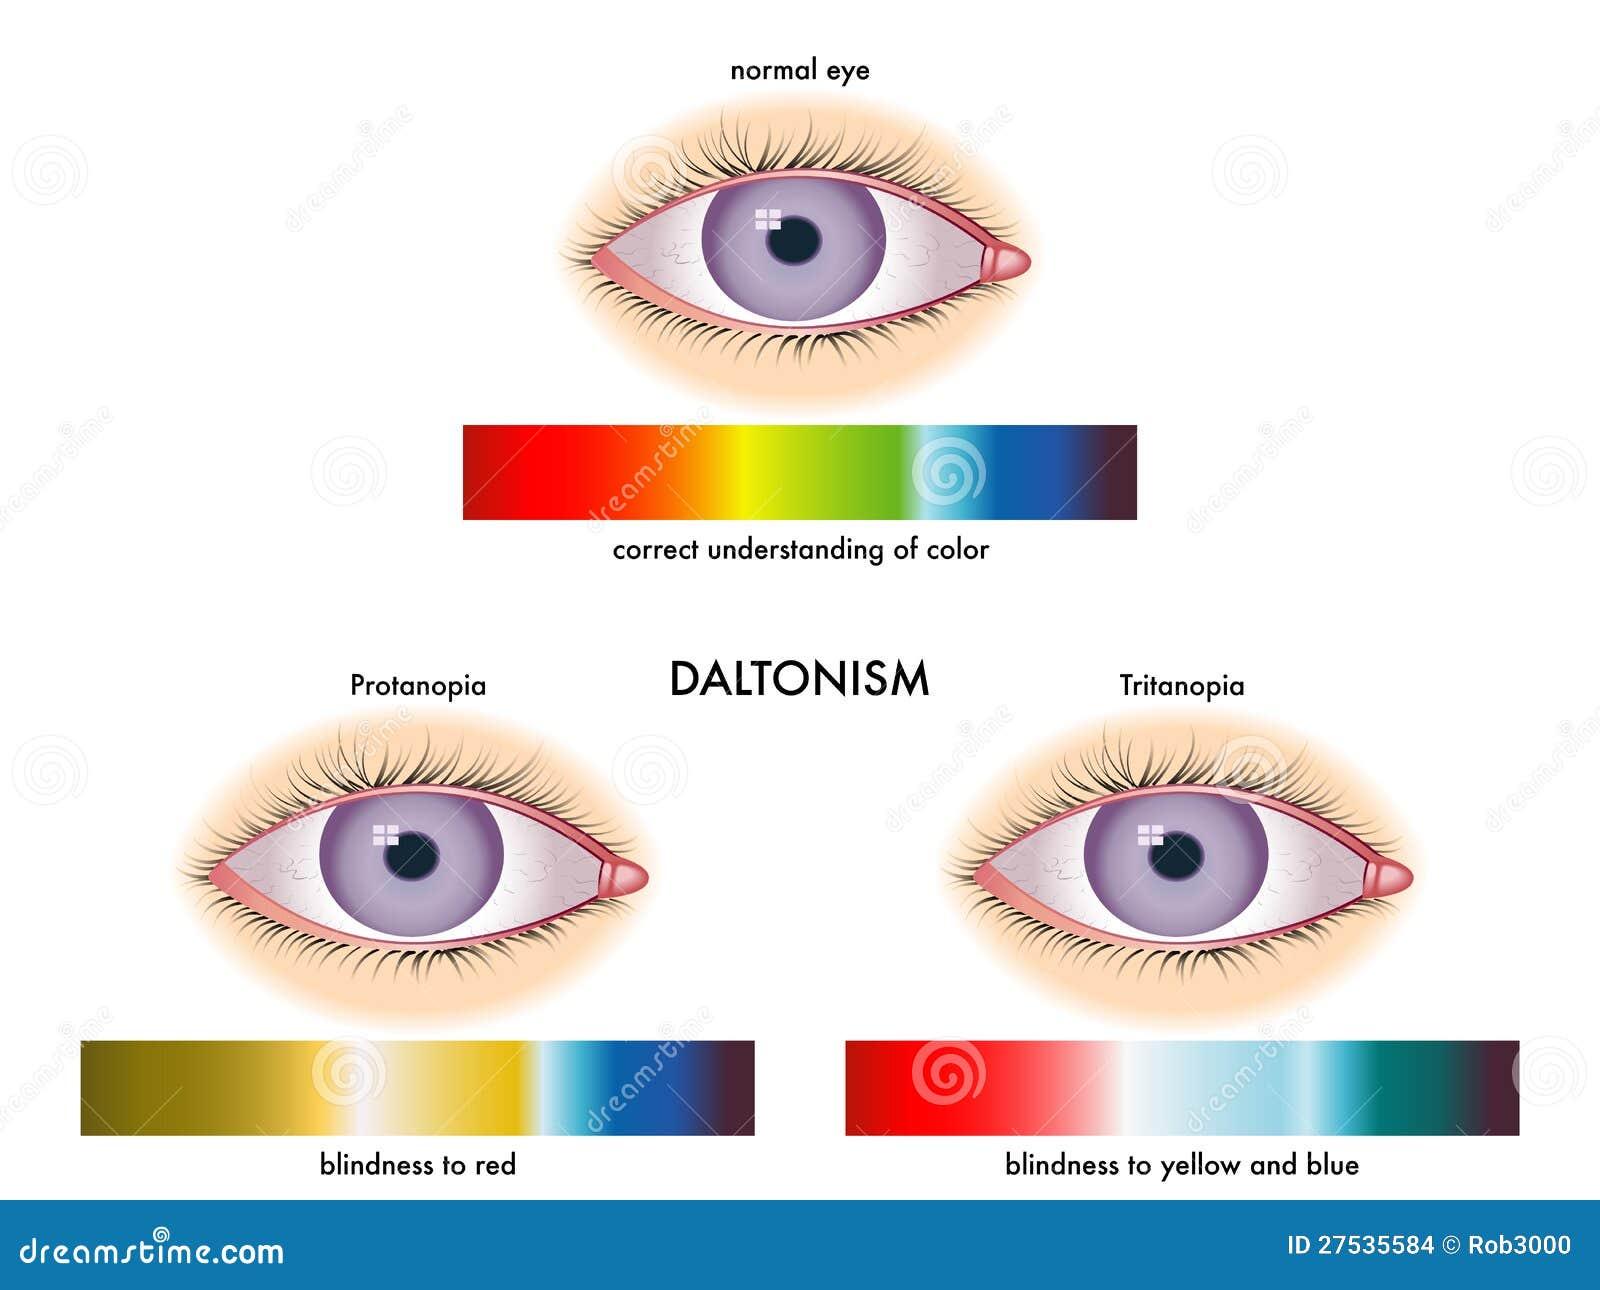 Цветовая схема для проверки зрения у